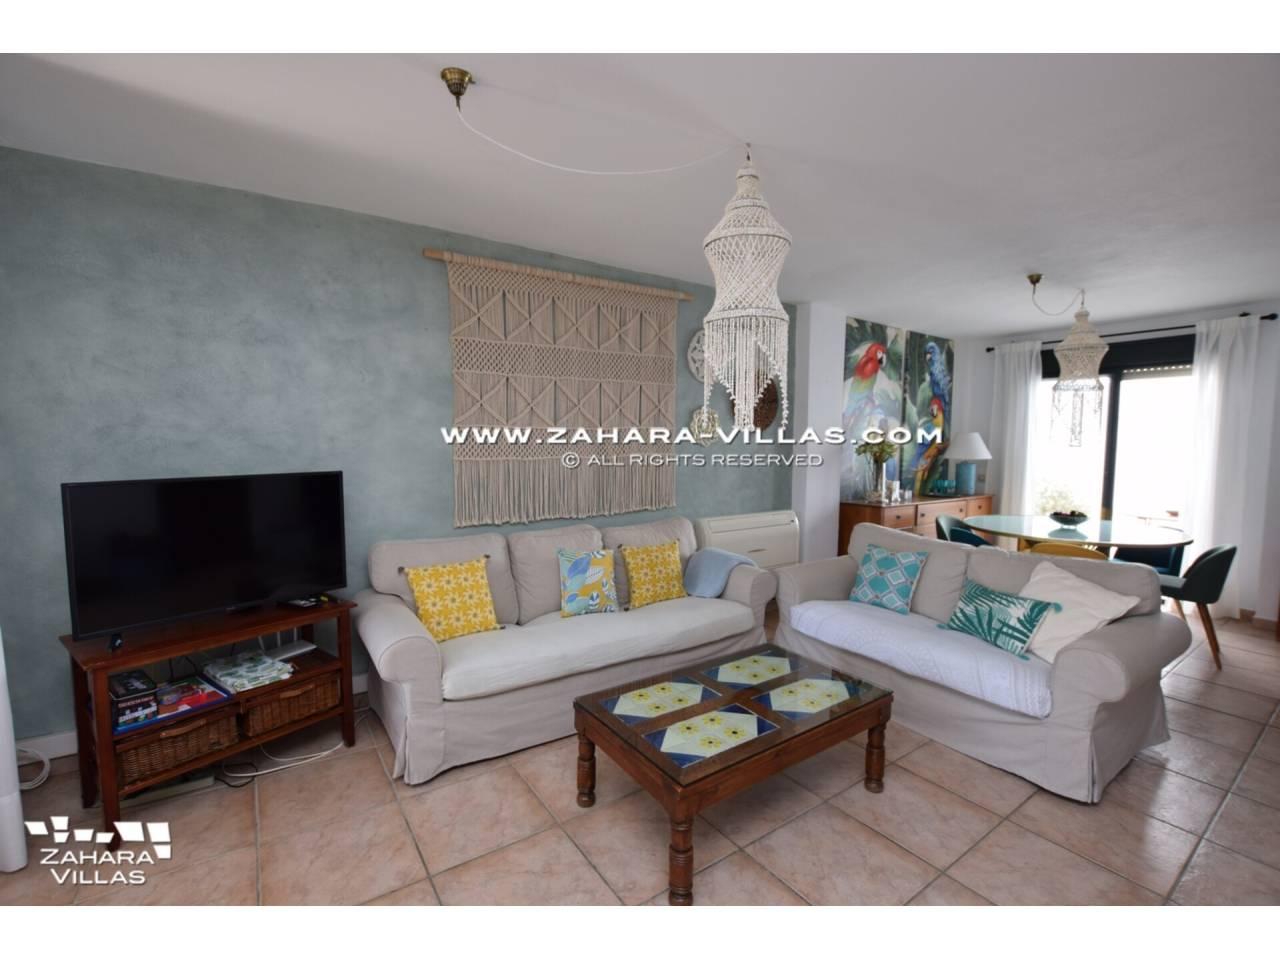 Imagen 4 de Casa Adosada con vistas al mar en venta en Urb. Jardines de Zahara